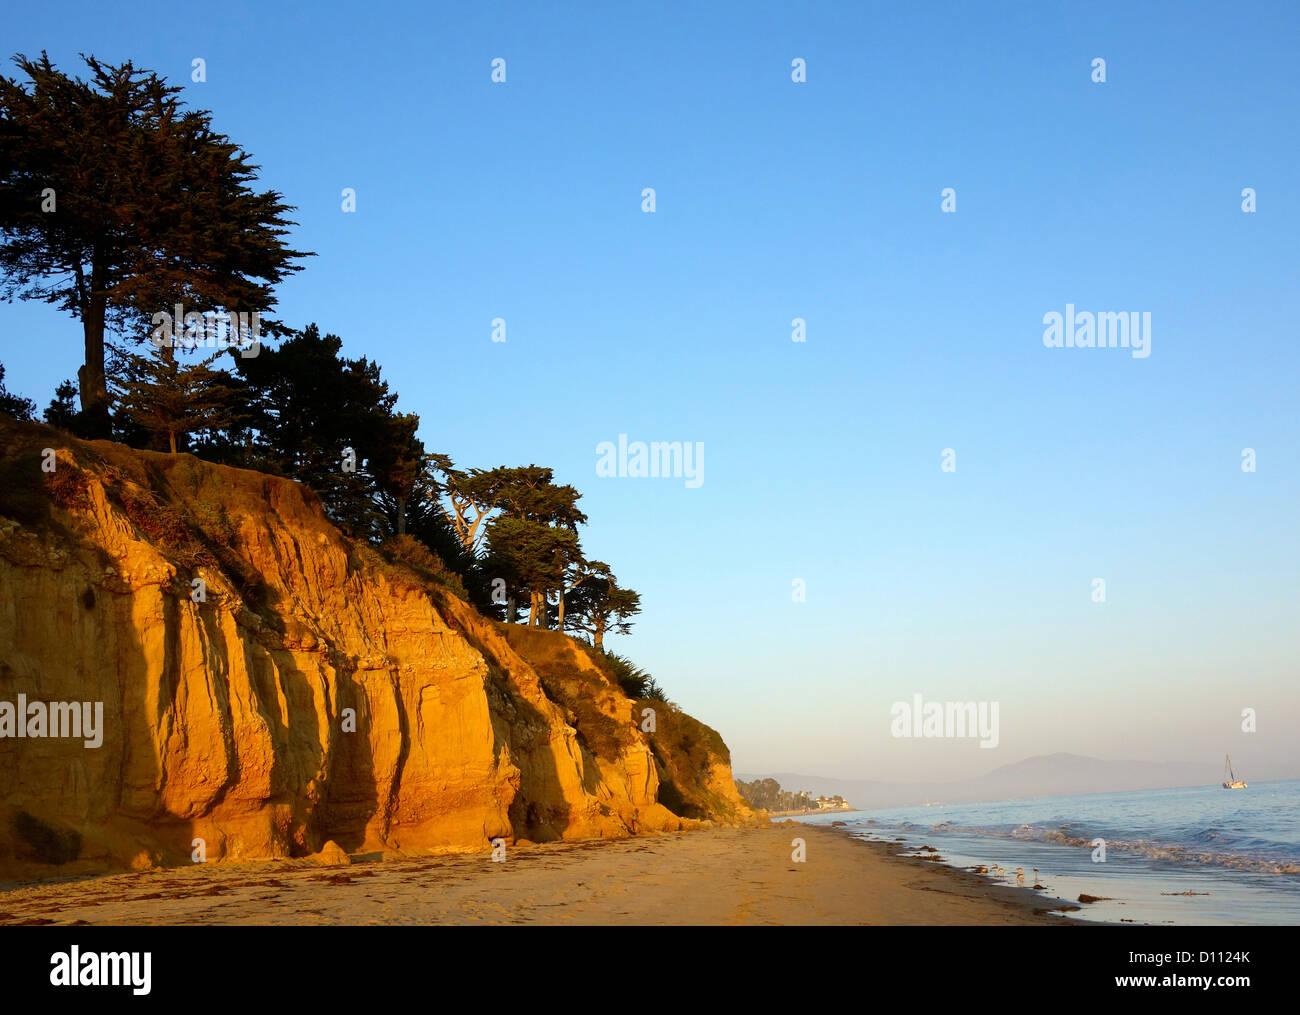 Butterfly Beach, Montecito, comté de Santa Barbara, Californie, États-Unis  Photo e008938fd749